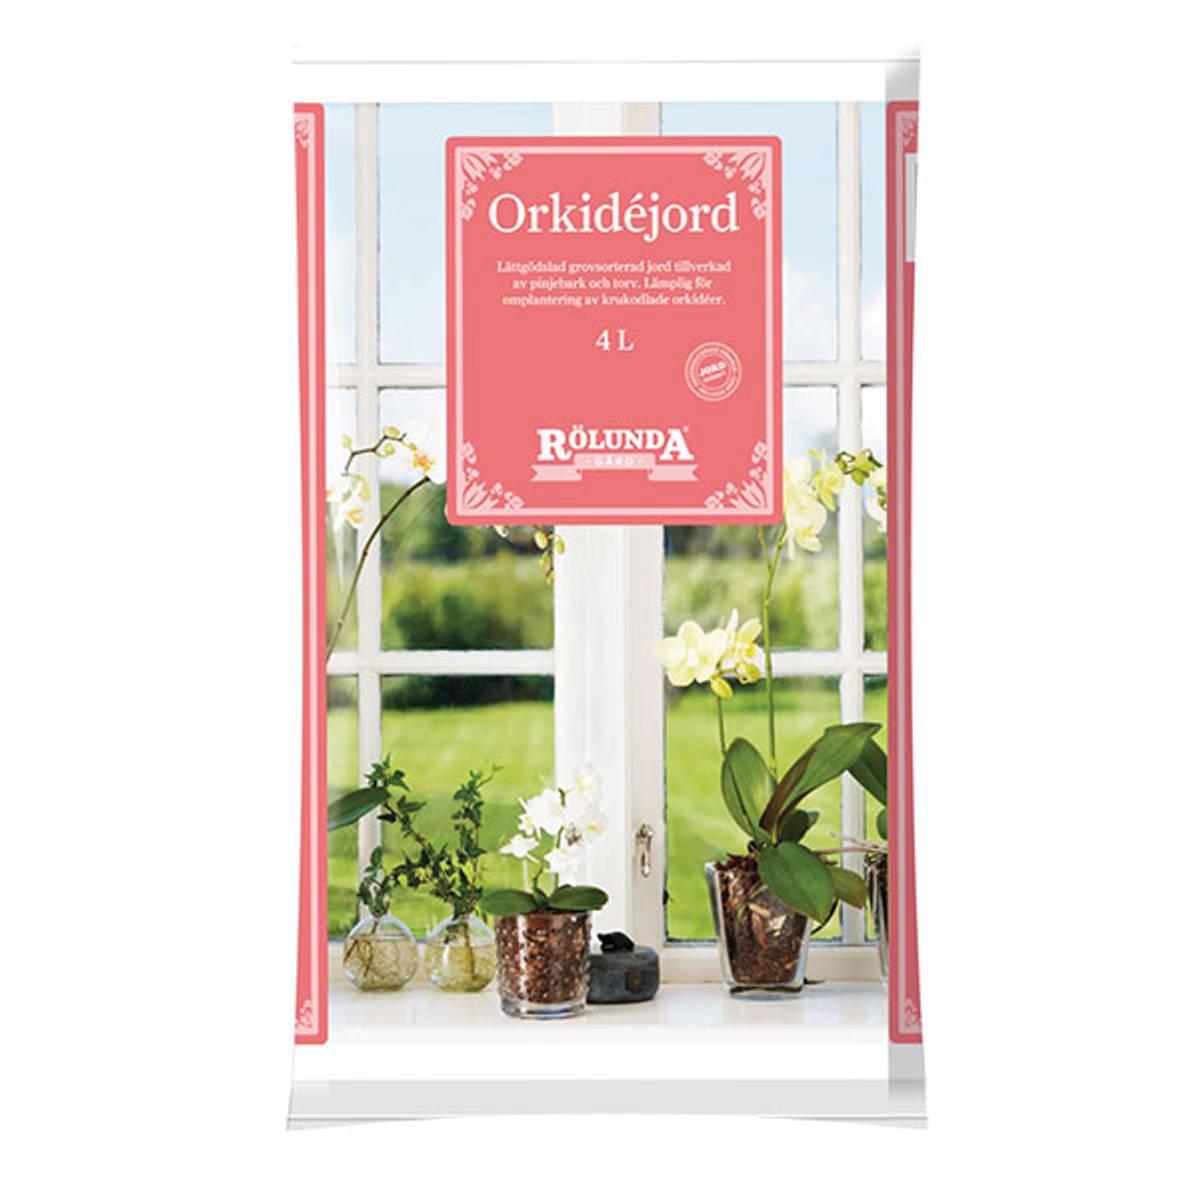 Orkidéjord 4 liter